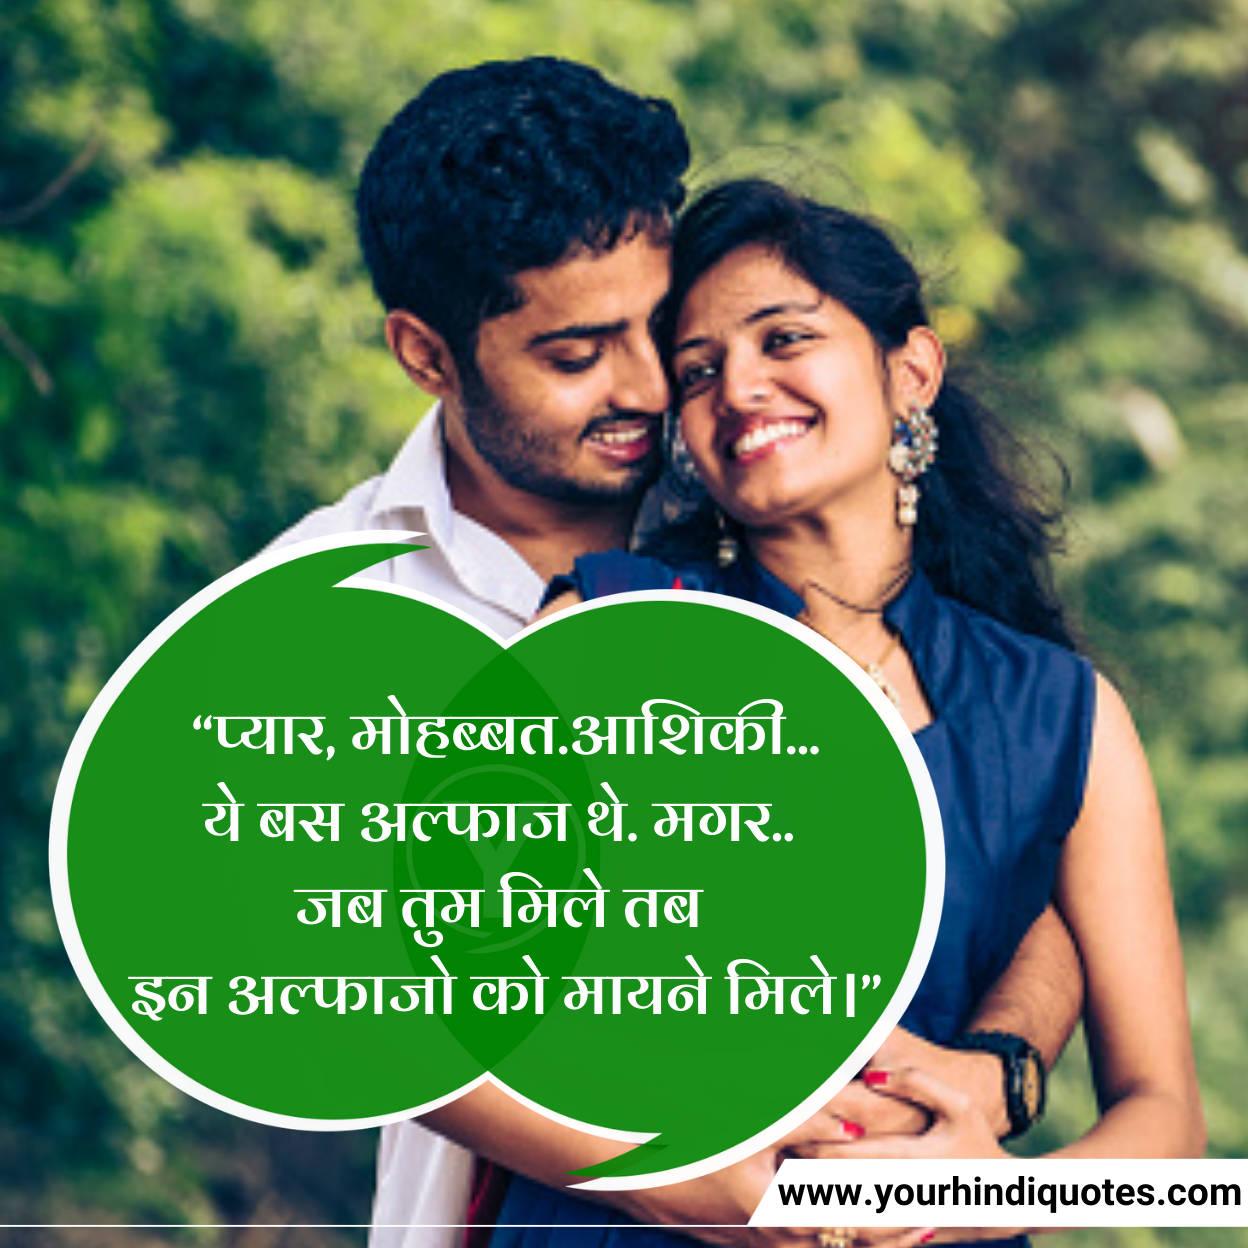 Hindi Pyar Ki Shayari Images